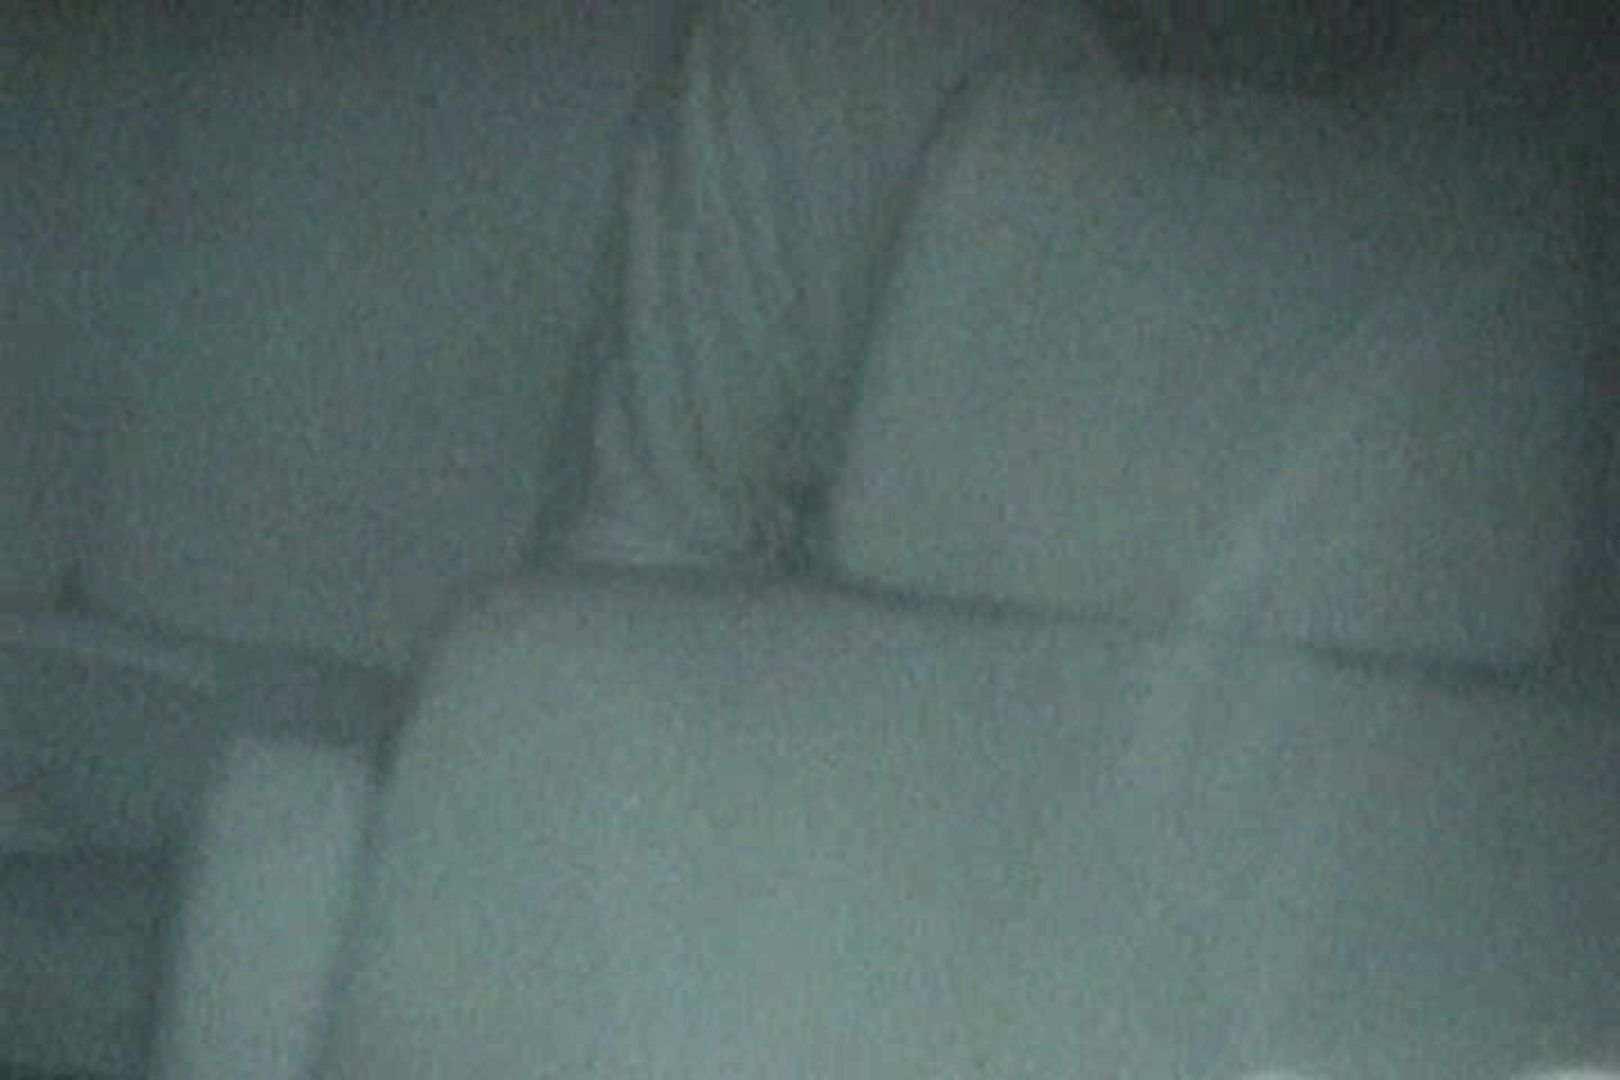 充血監督の深夜の運動会Vol.148 エロティックなOL | 車の中のカップル  88画像 40